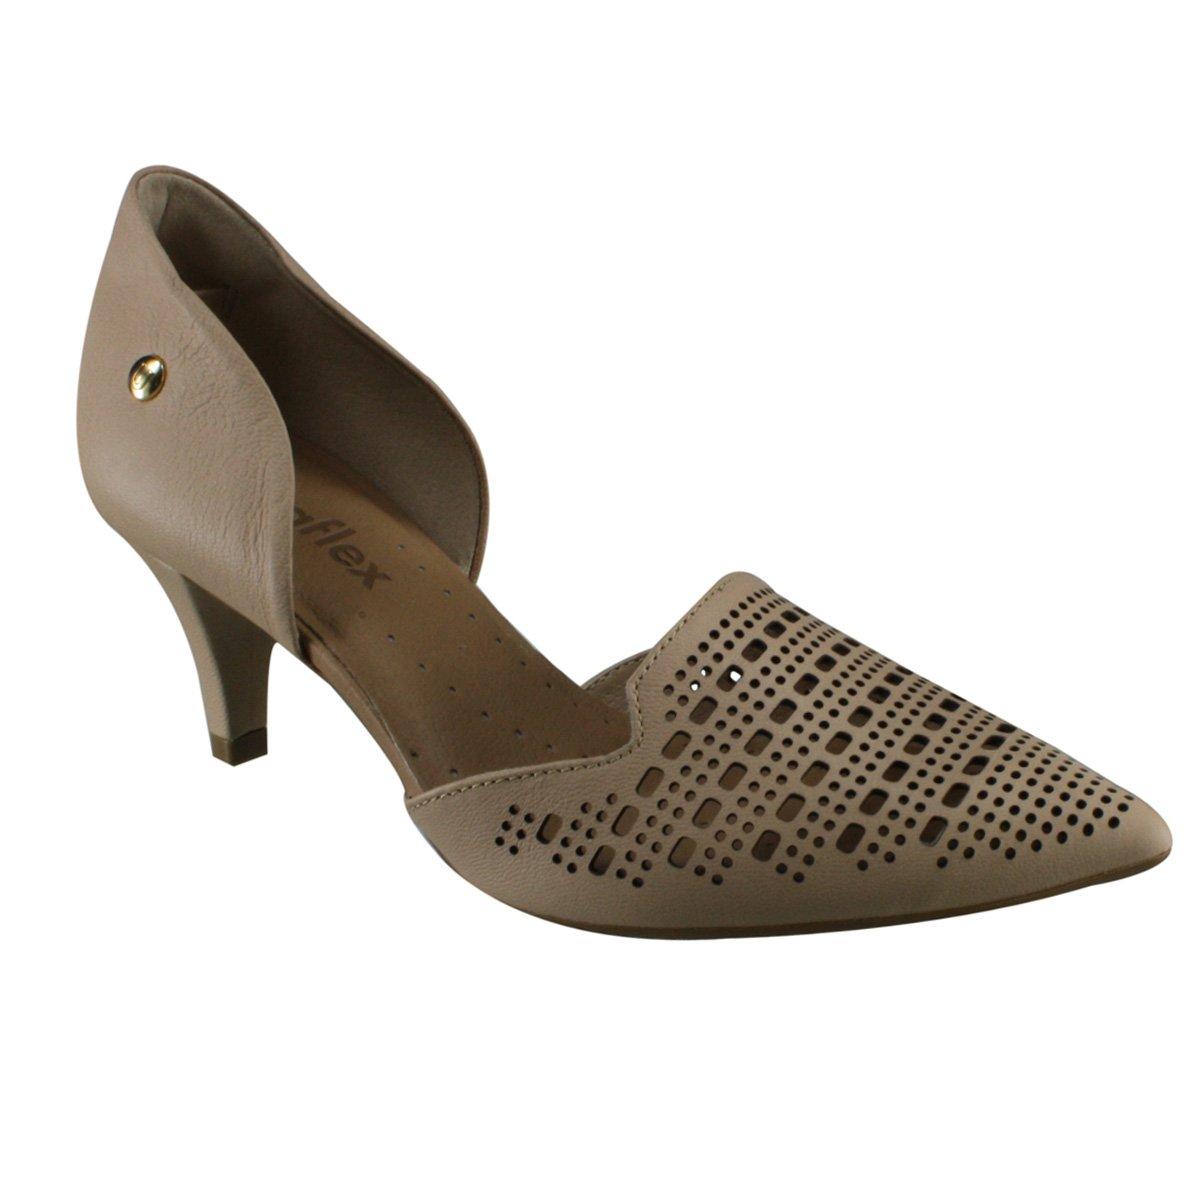 c3d2e6cbb Sapato Feminino Usaflex J6452 10 - Blush (Caprina) - Calçados Online ...